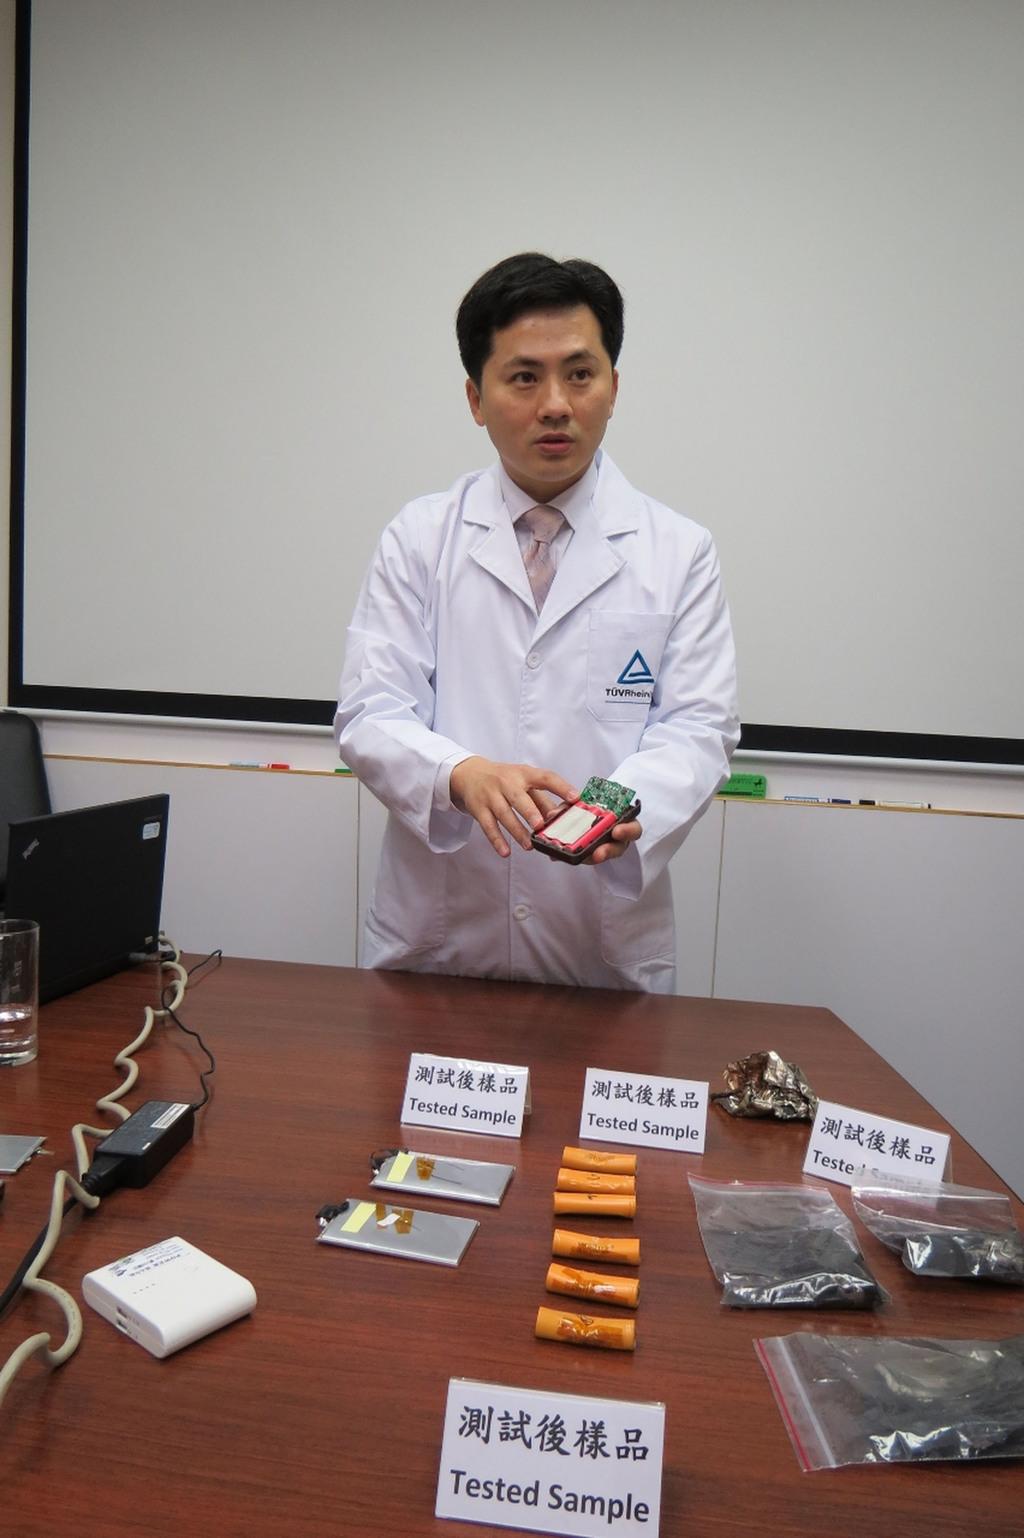 經濟部標準檢驗局認證的台灣德國萊因電池檢驗實驗室指出,現有送驗的行動電源中,不符合安全認證率達20%。中央社記者陳靜萍攝  103年4月1...